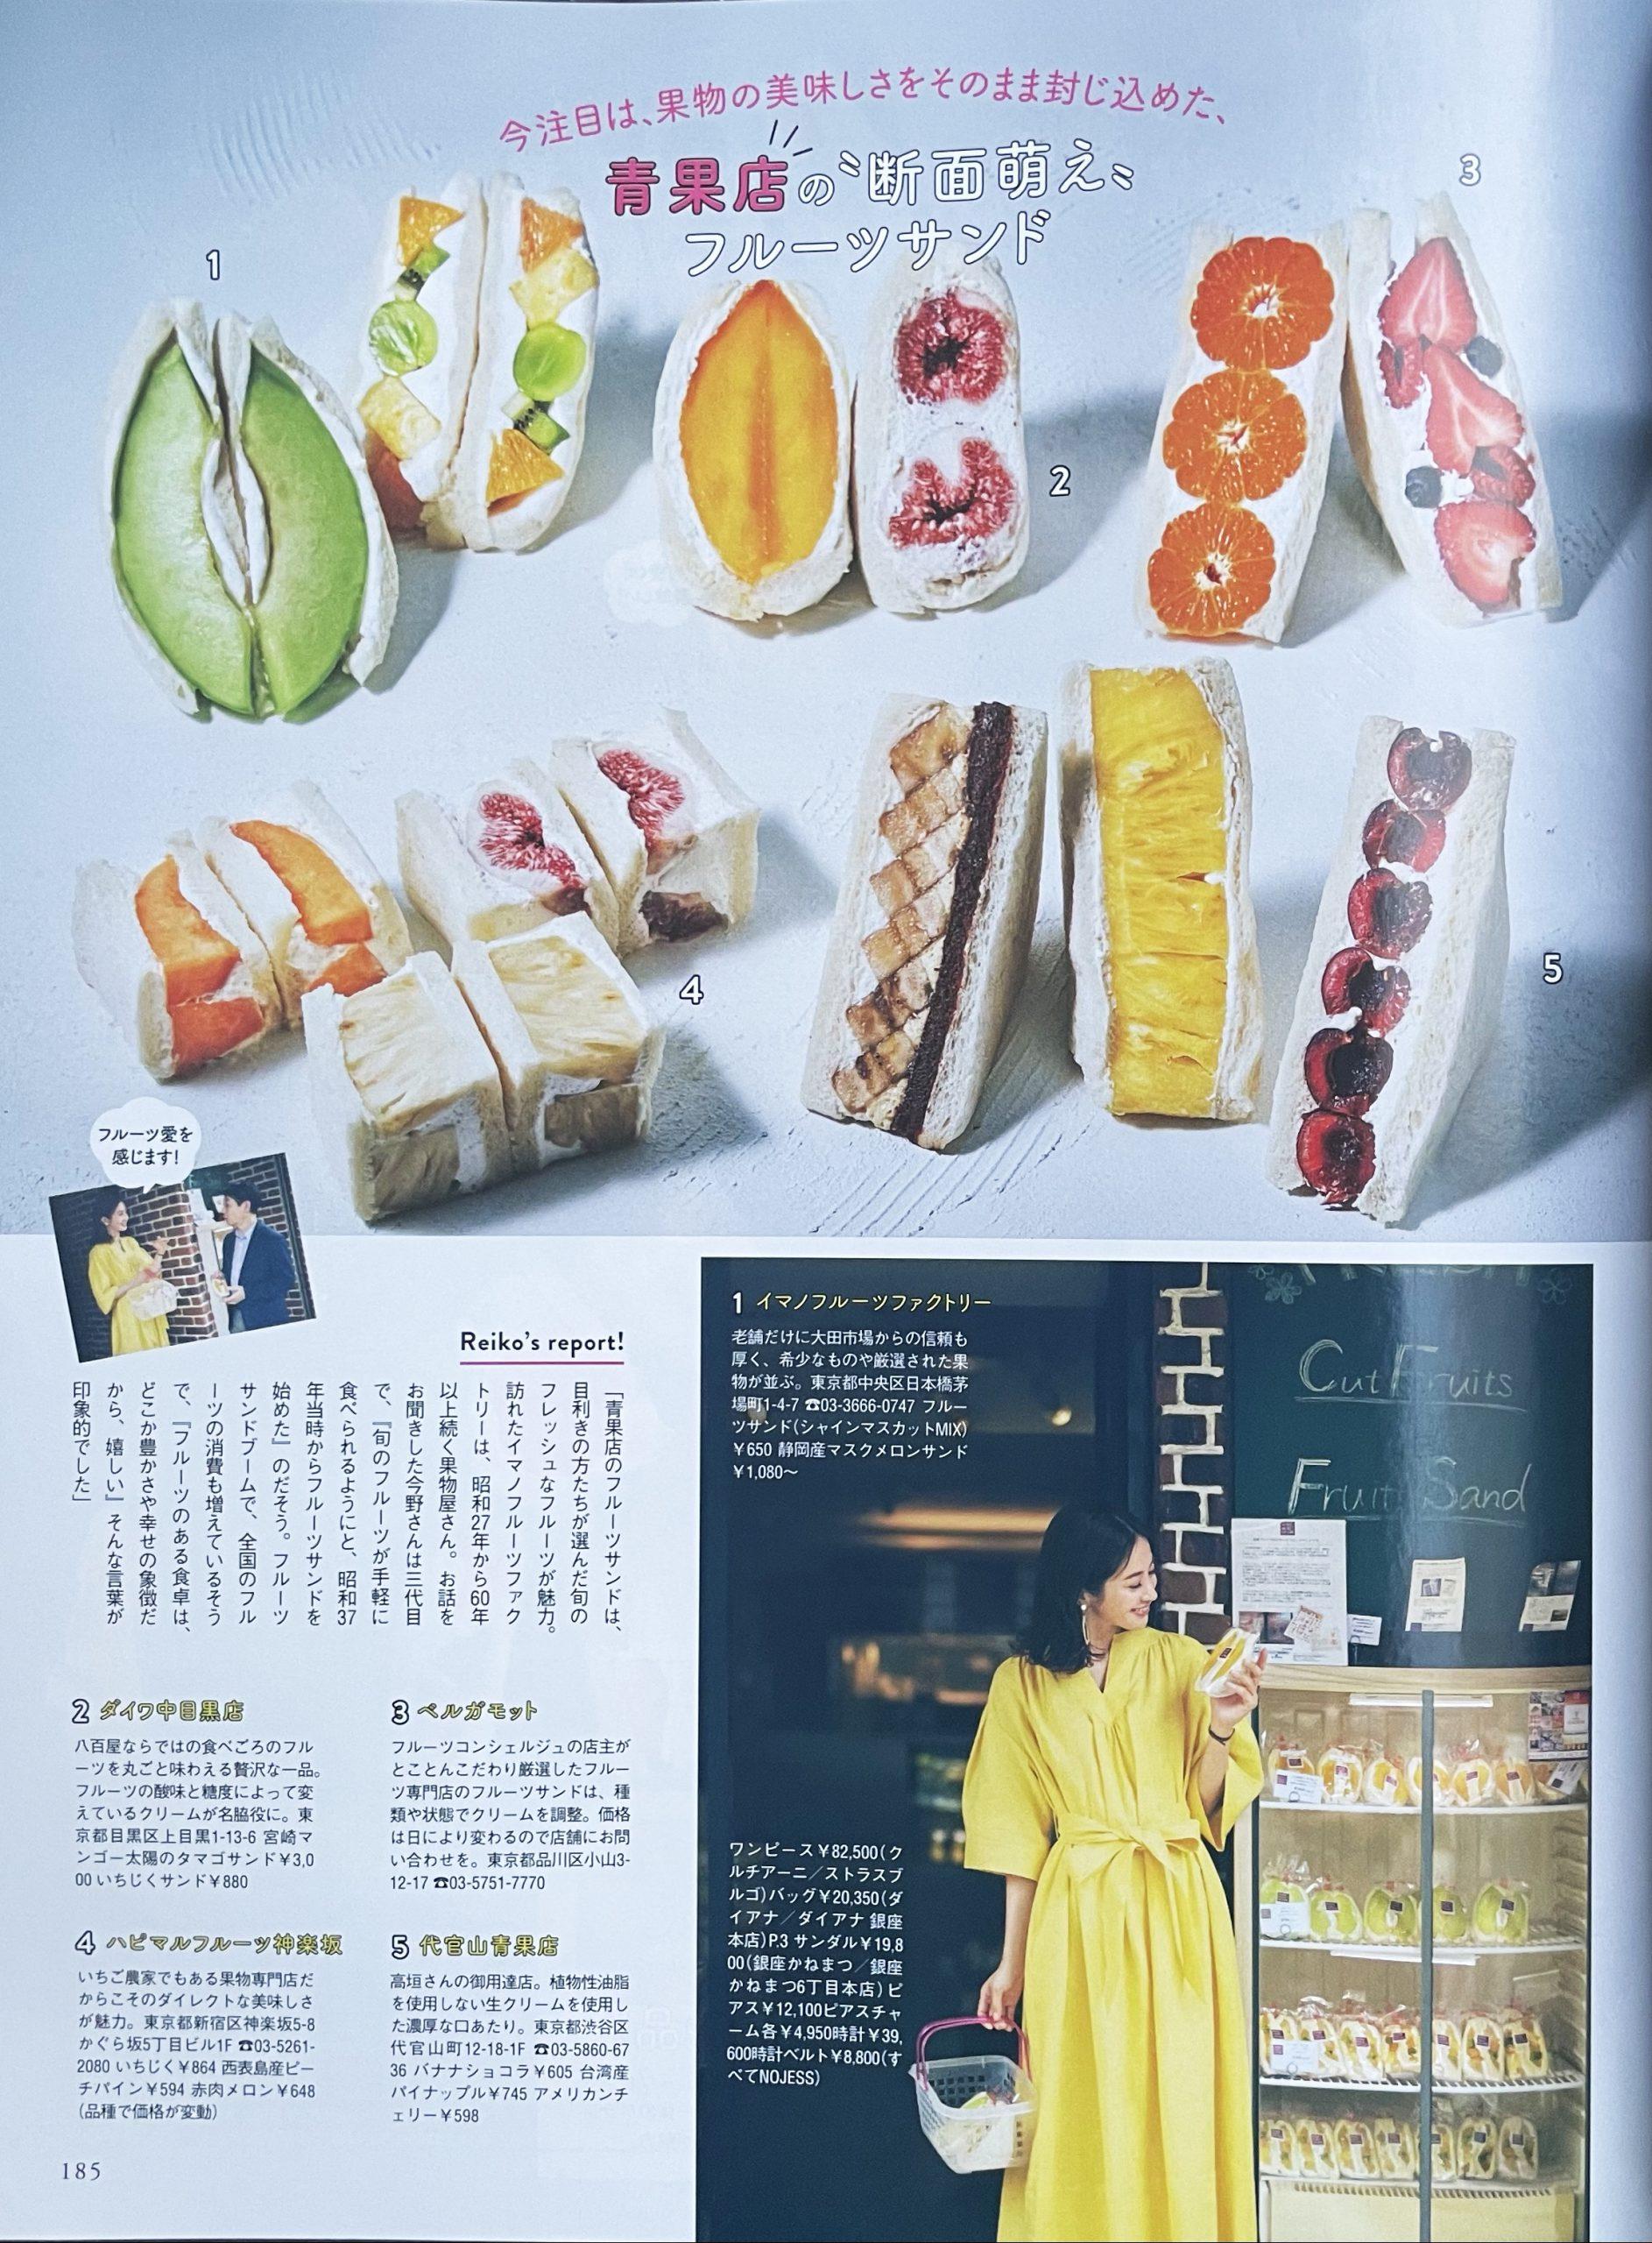 大木慎太郎がSTORY 8月号の中ページ写真を撮りおろしました